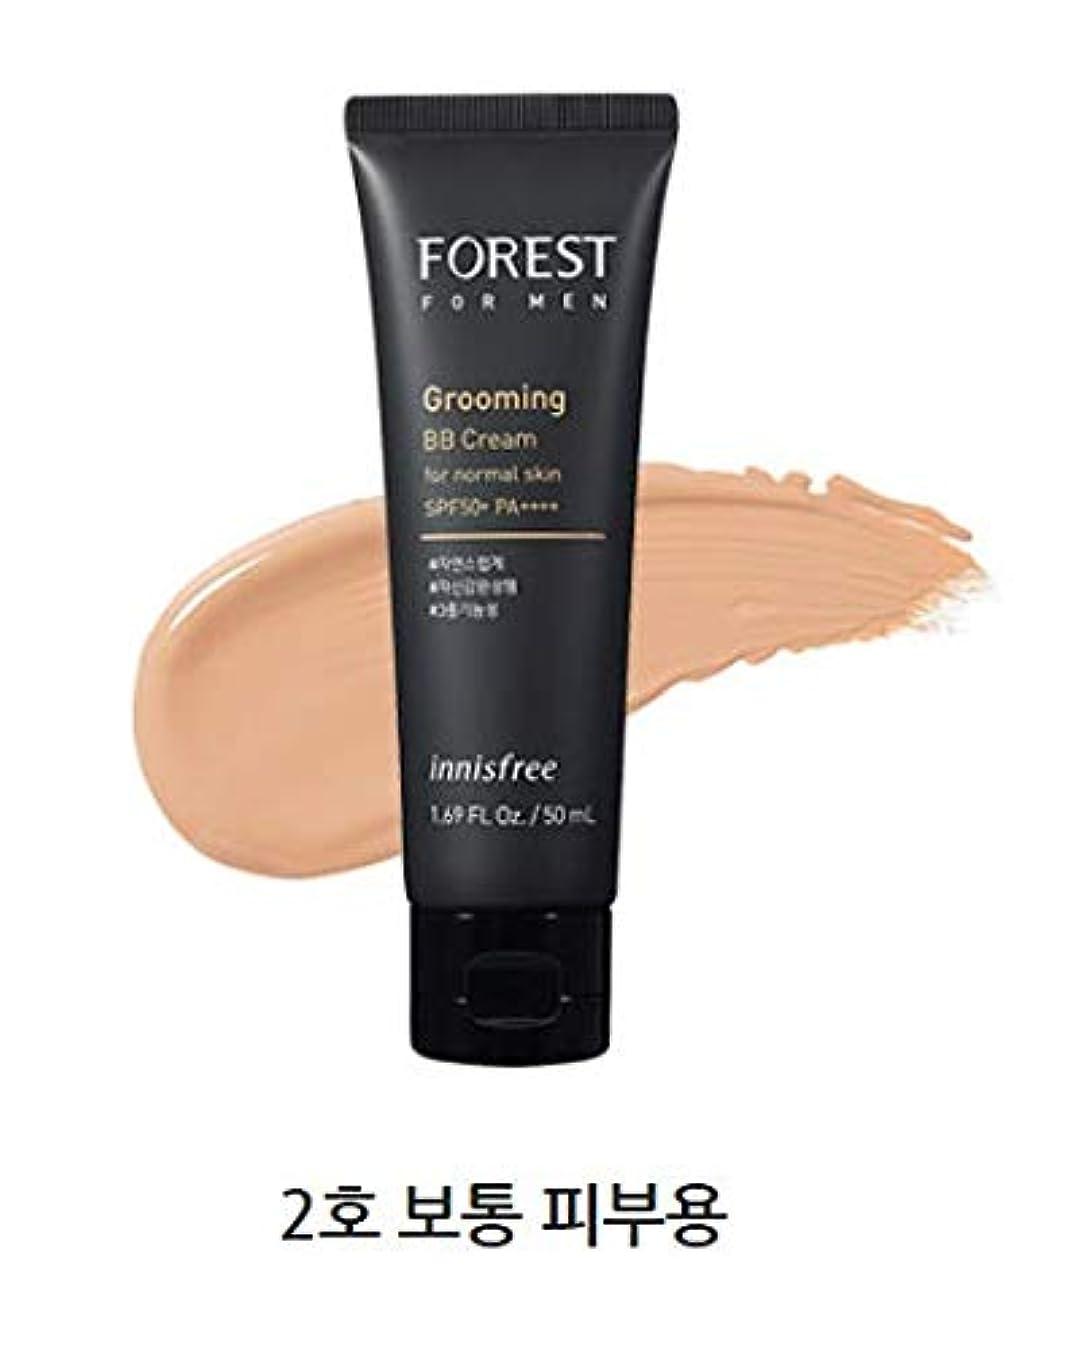 苦悩控えるワーム[イニスフリー.innisfree]フォレストフォアマングルーミングBBクリームSPF50+ PA++++50mL/ FOREST FOR MEN GROOMING BB CREAM SPF50+ PA++++ (#2 通常肌用)